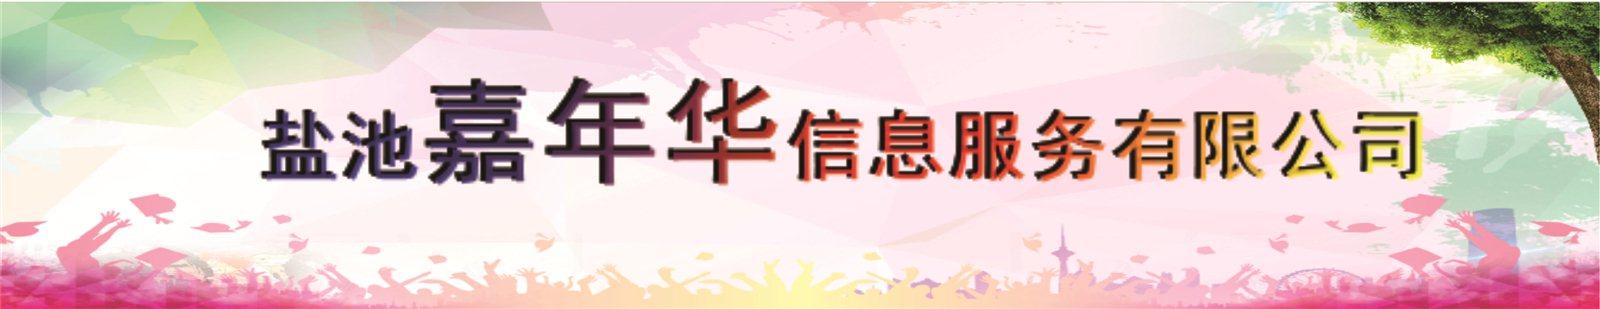 盐池县嘉年华二手车信息服务有限公司